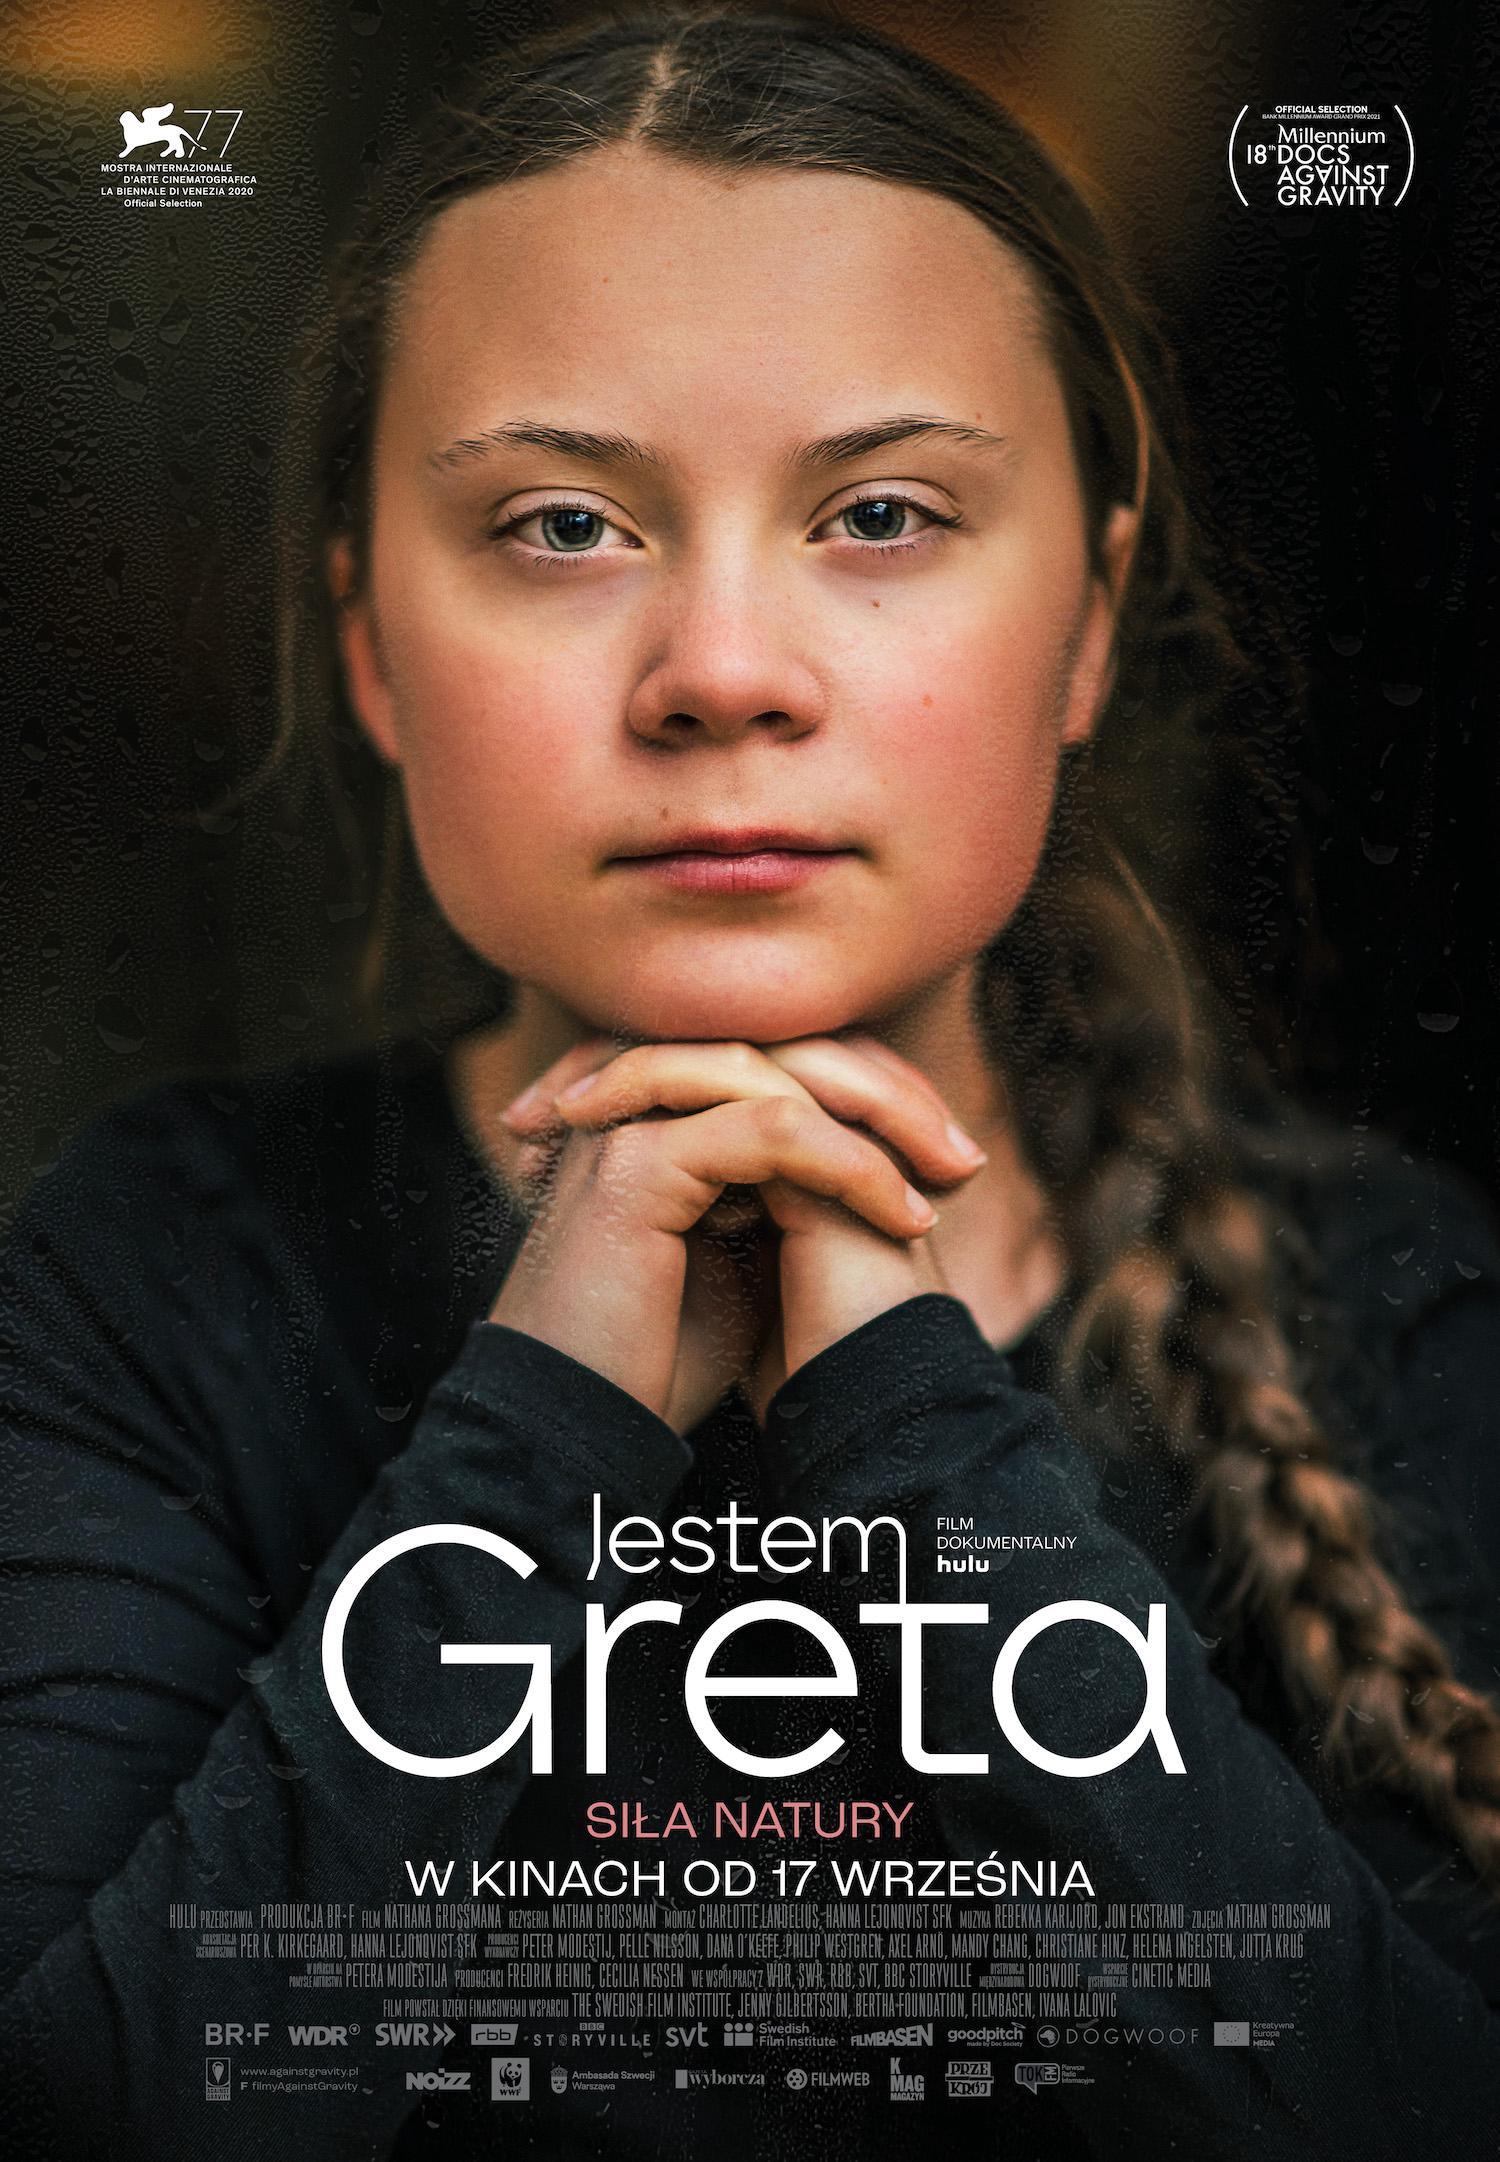 Czyste Beskidy: Jestem Greta